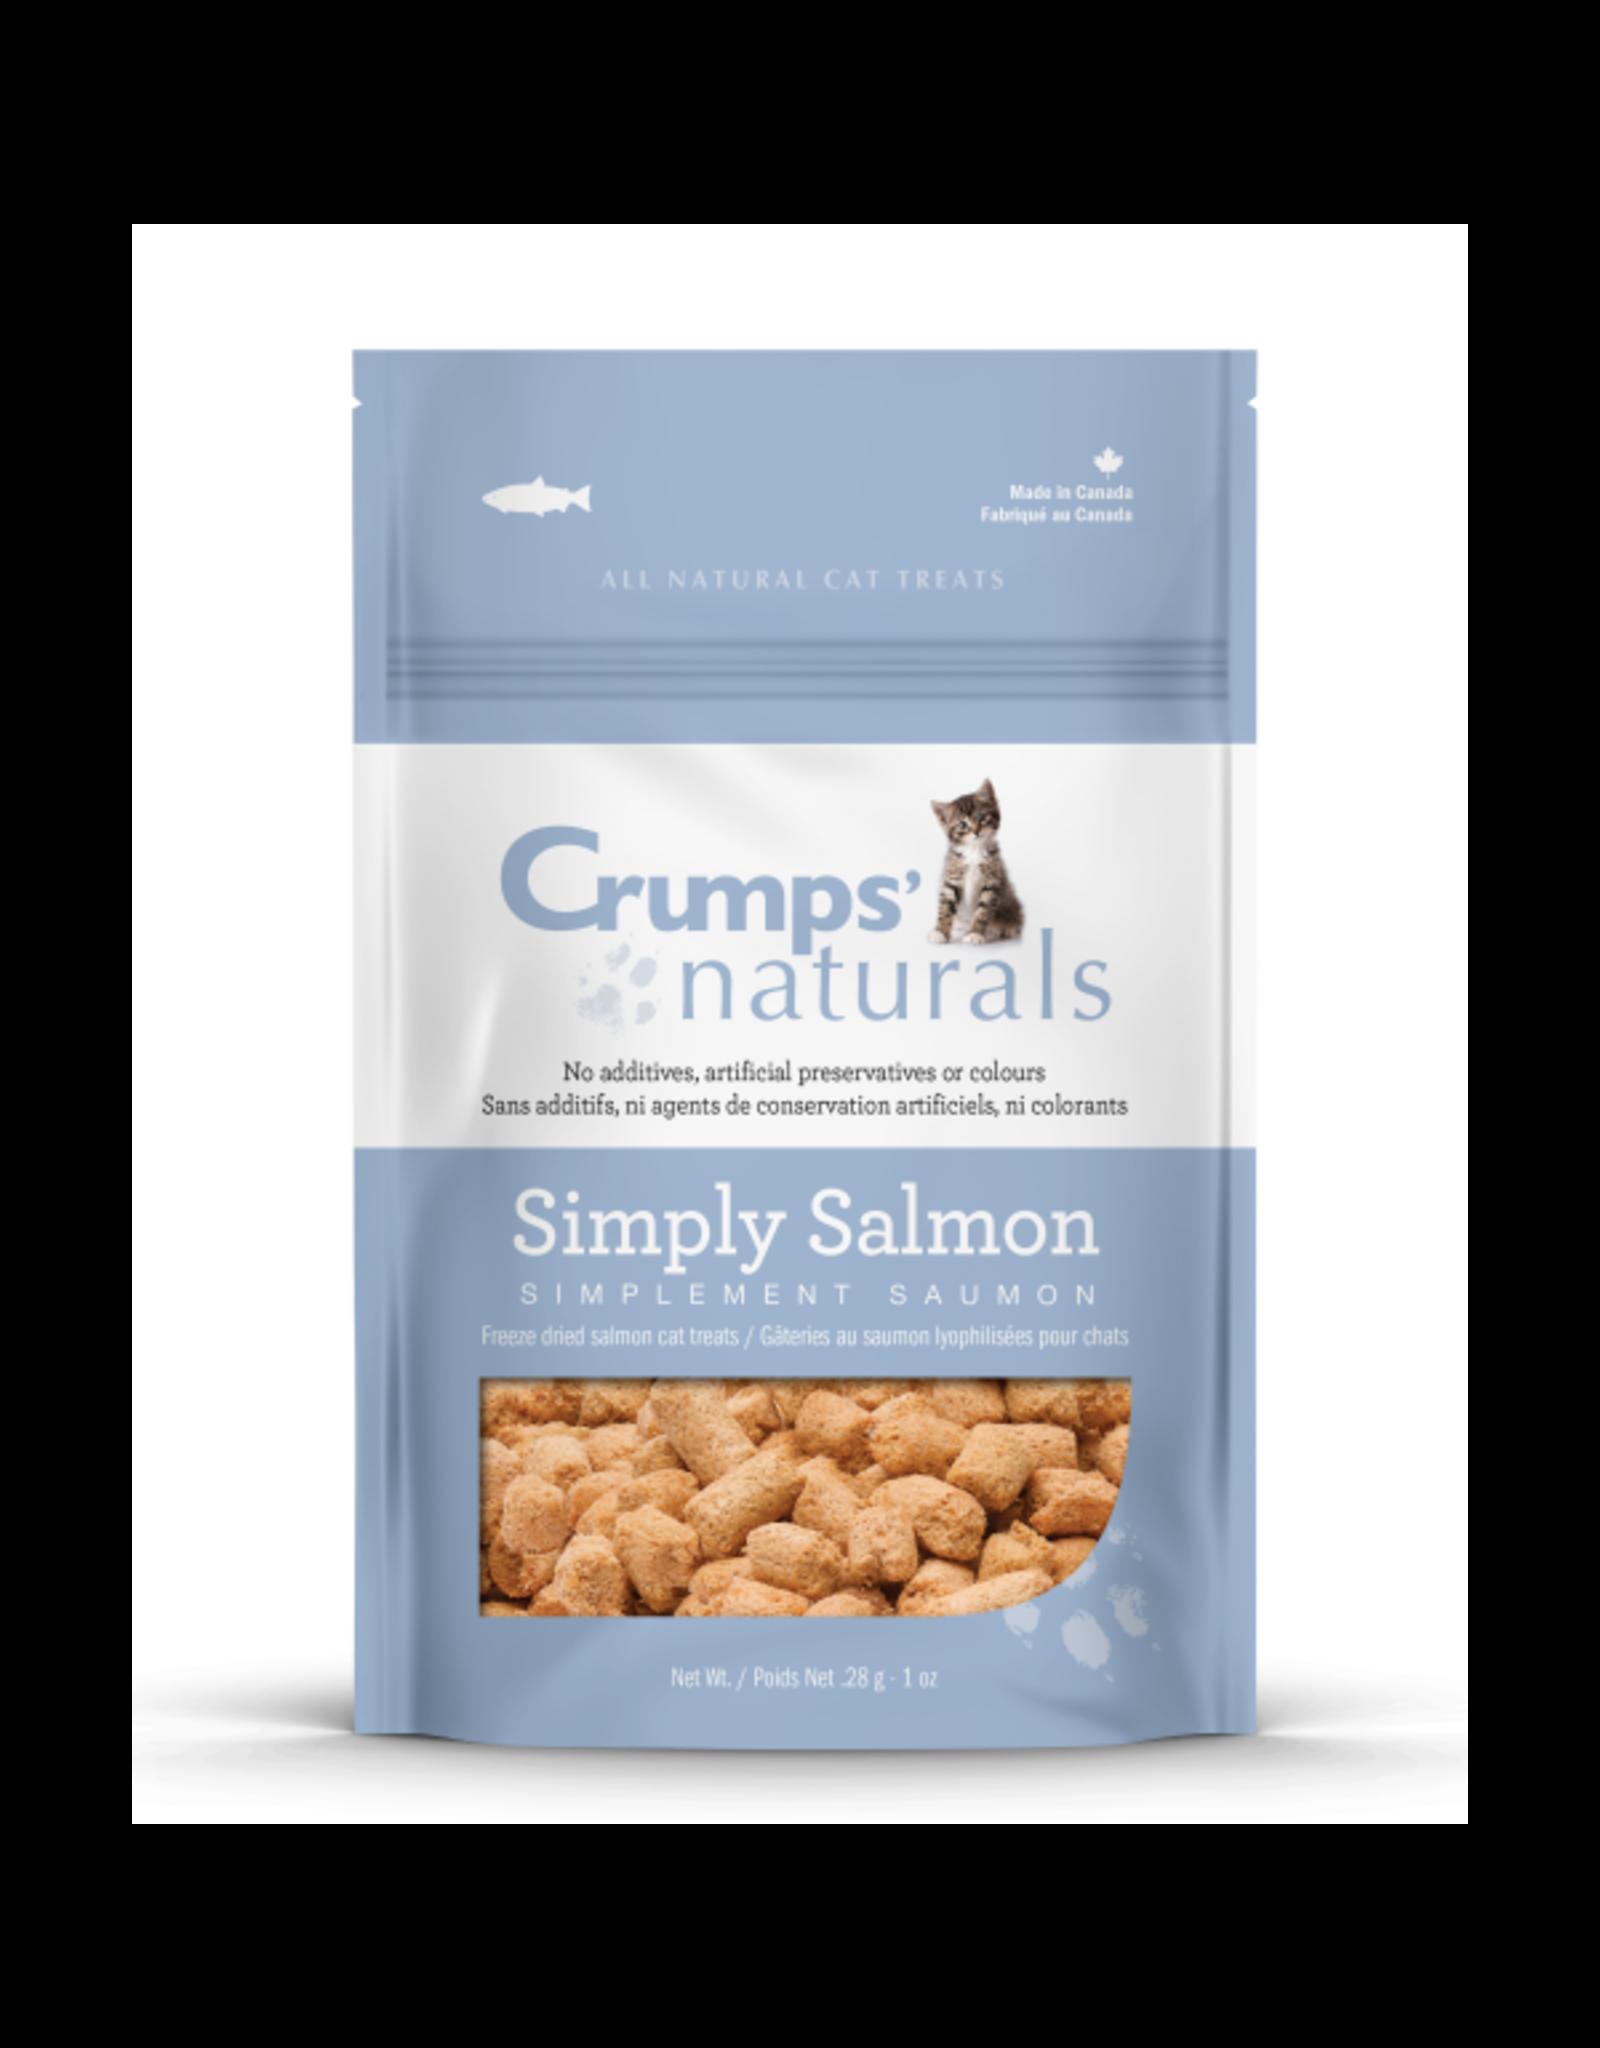 Crumps Cat Treats